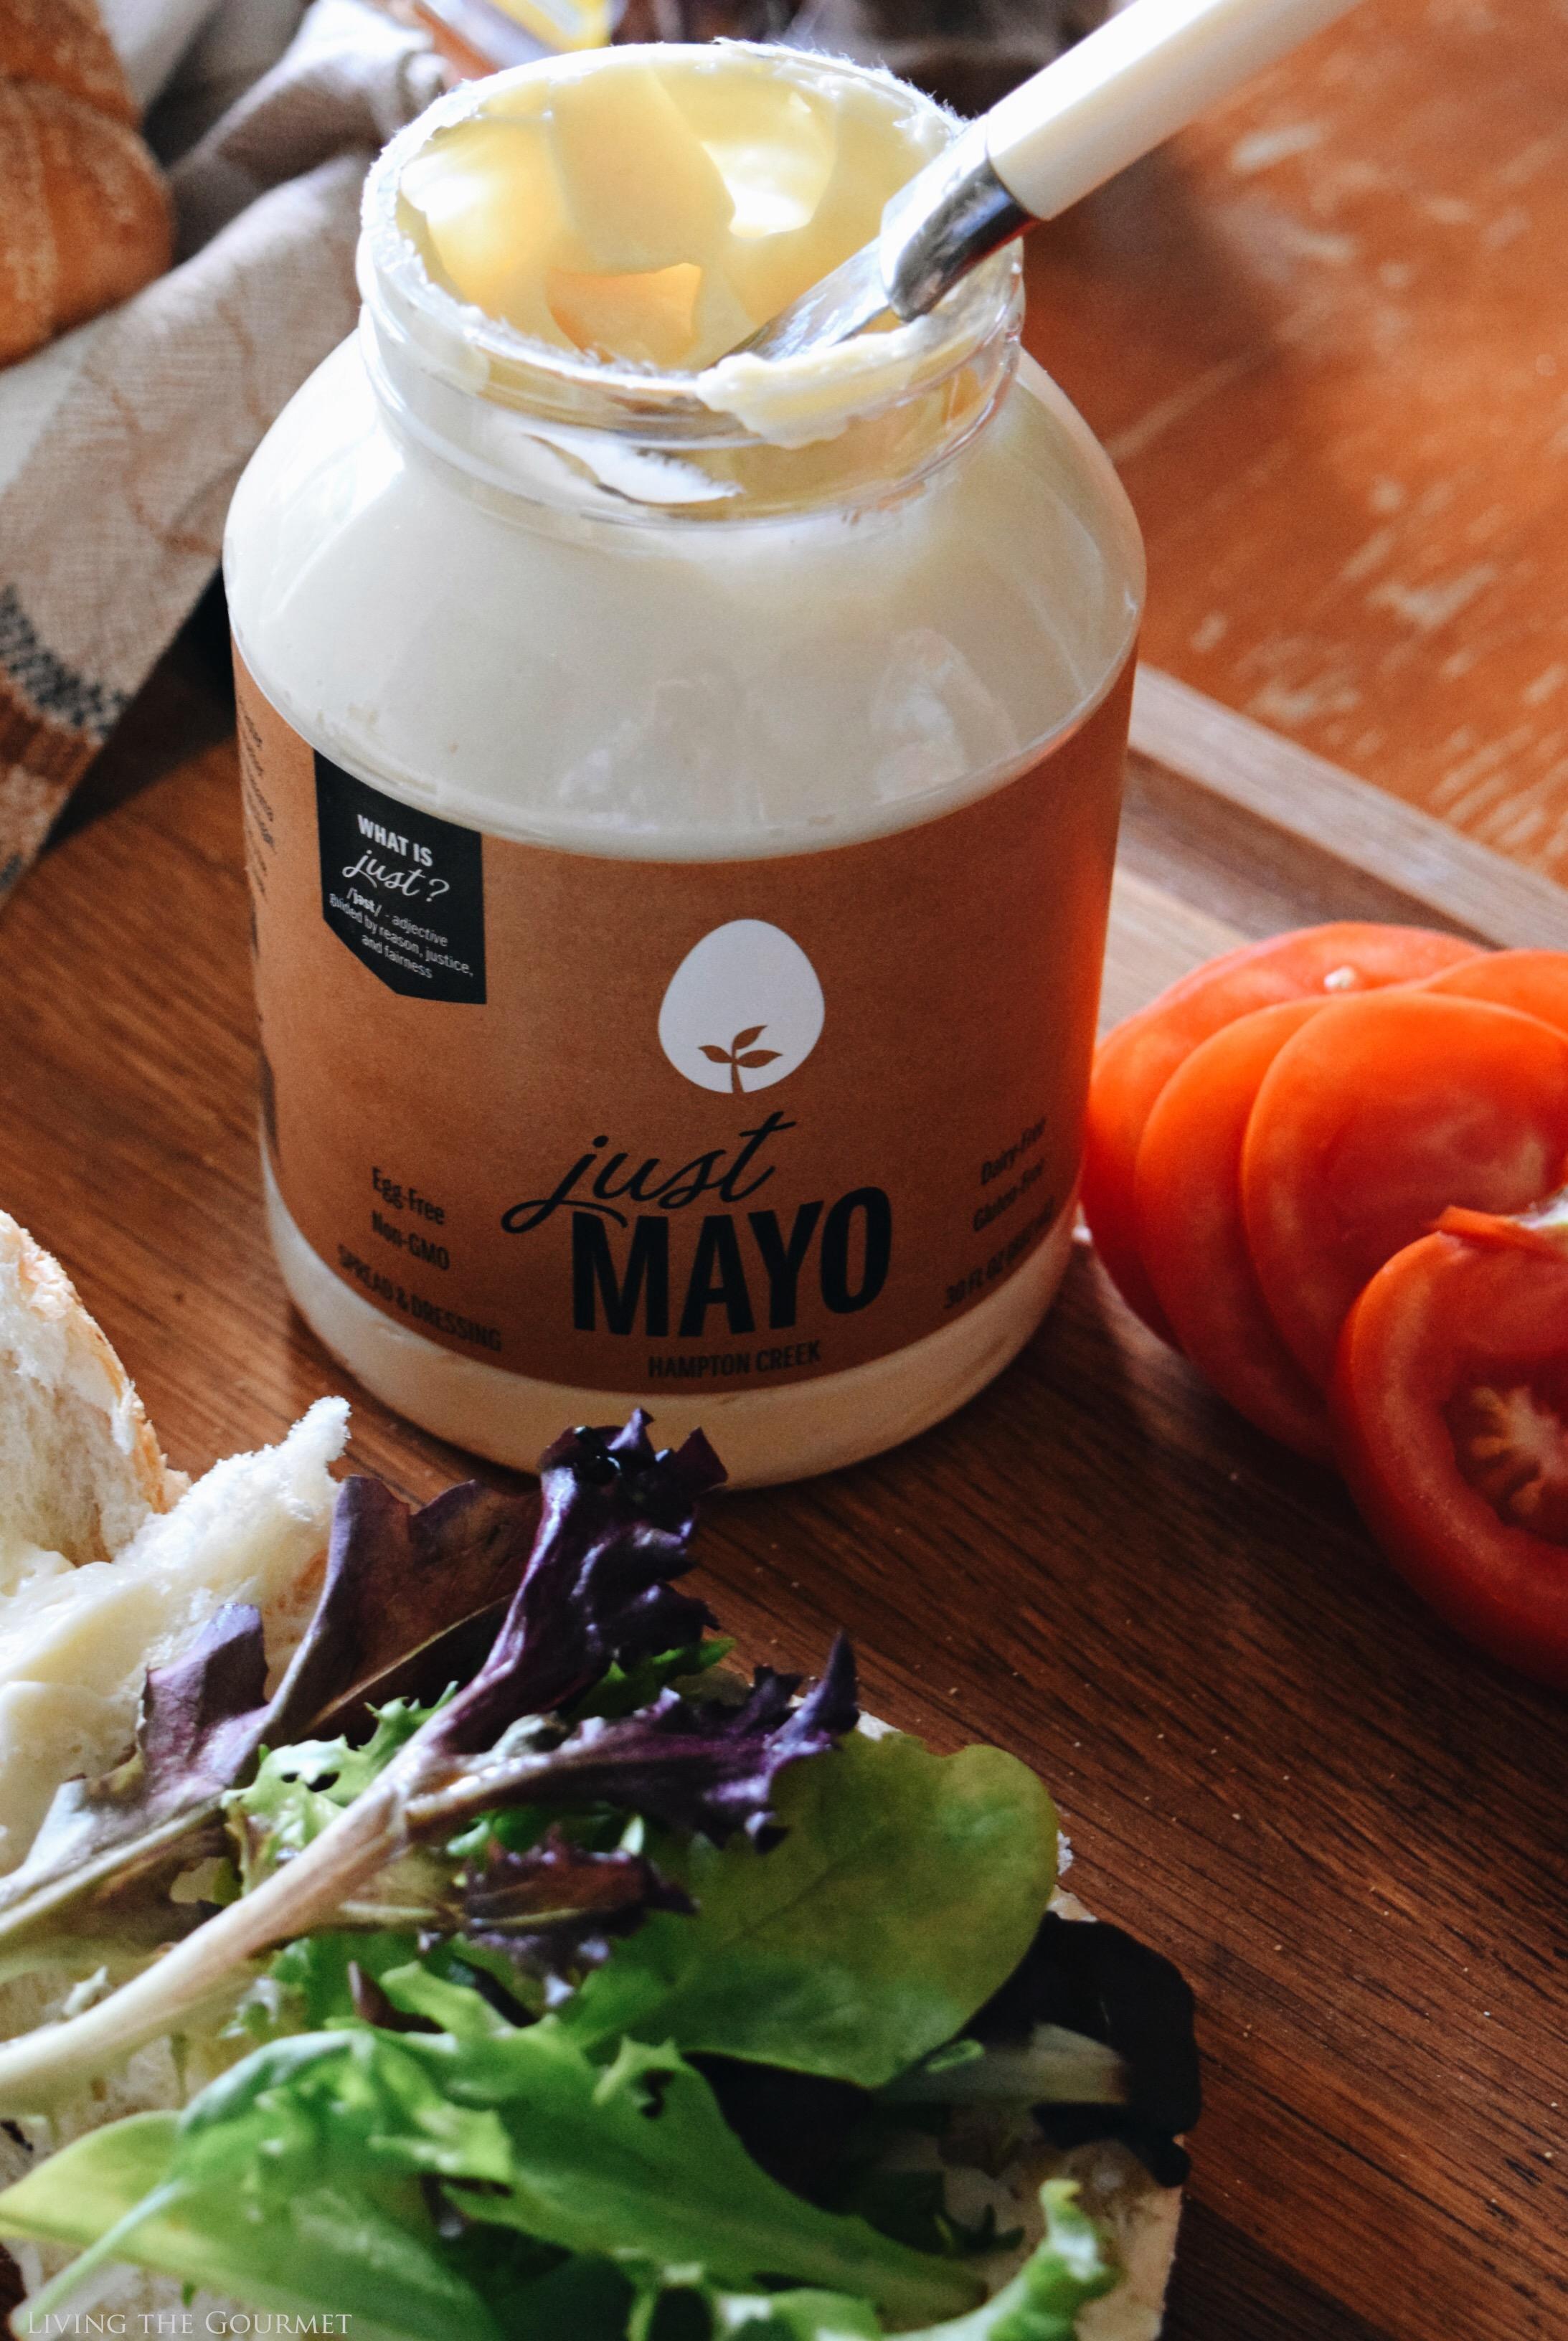 Living the Gourmet: Hamptoncreek Just Mayo